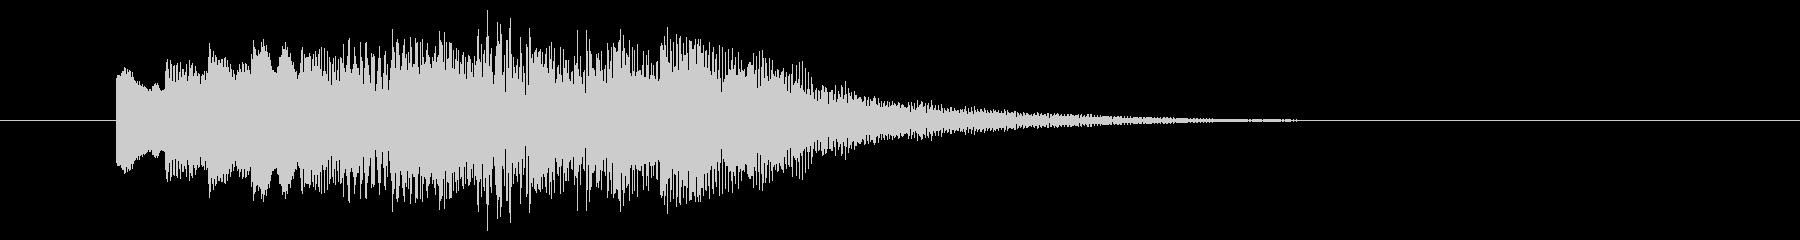 アイドルSE5 レアカード レベルアップの未再生の波形